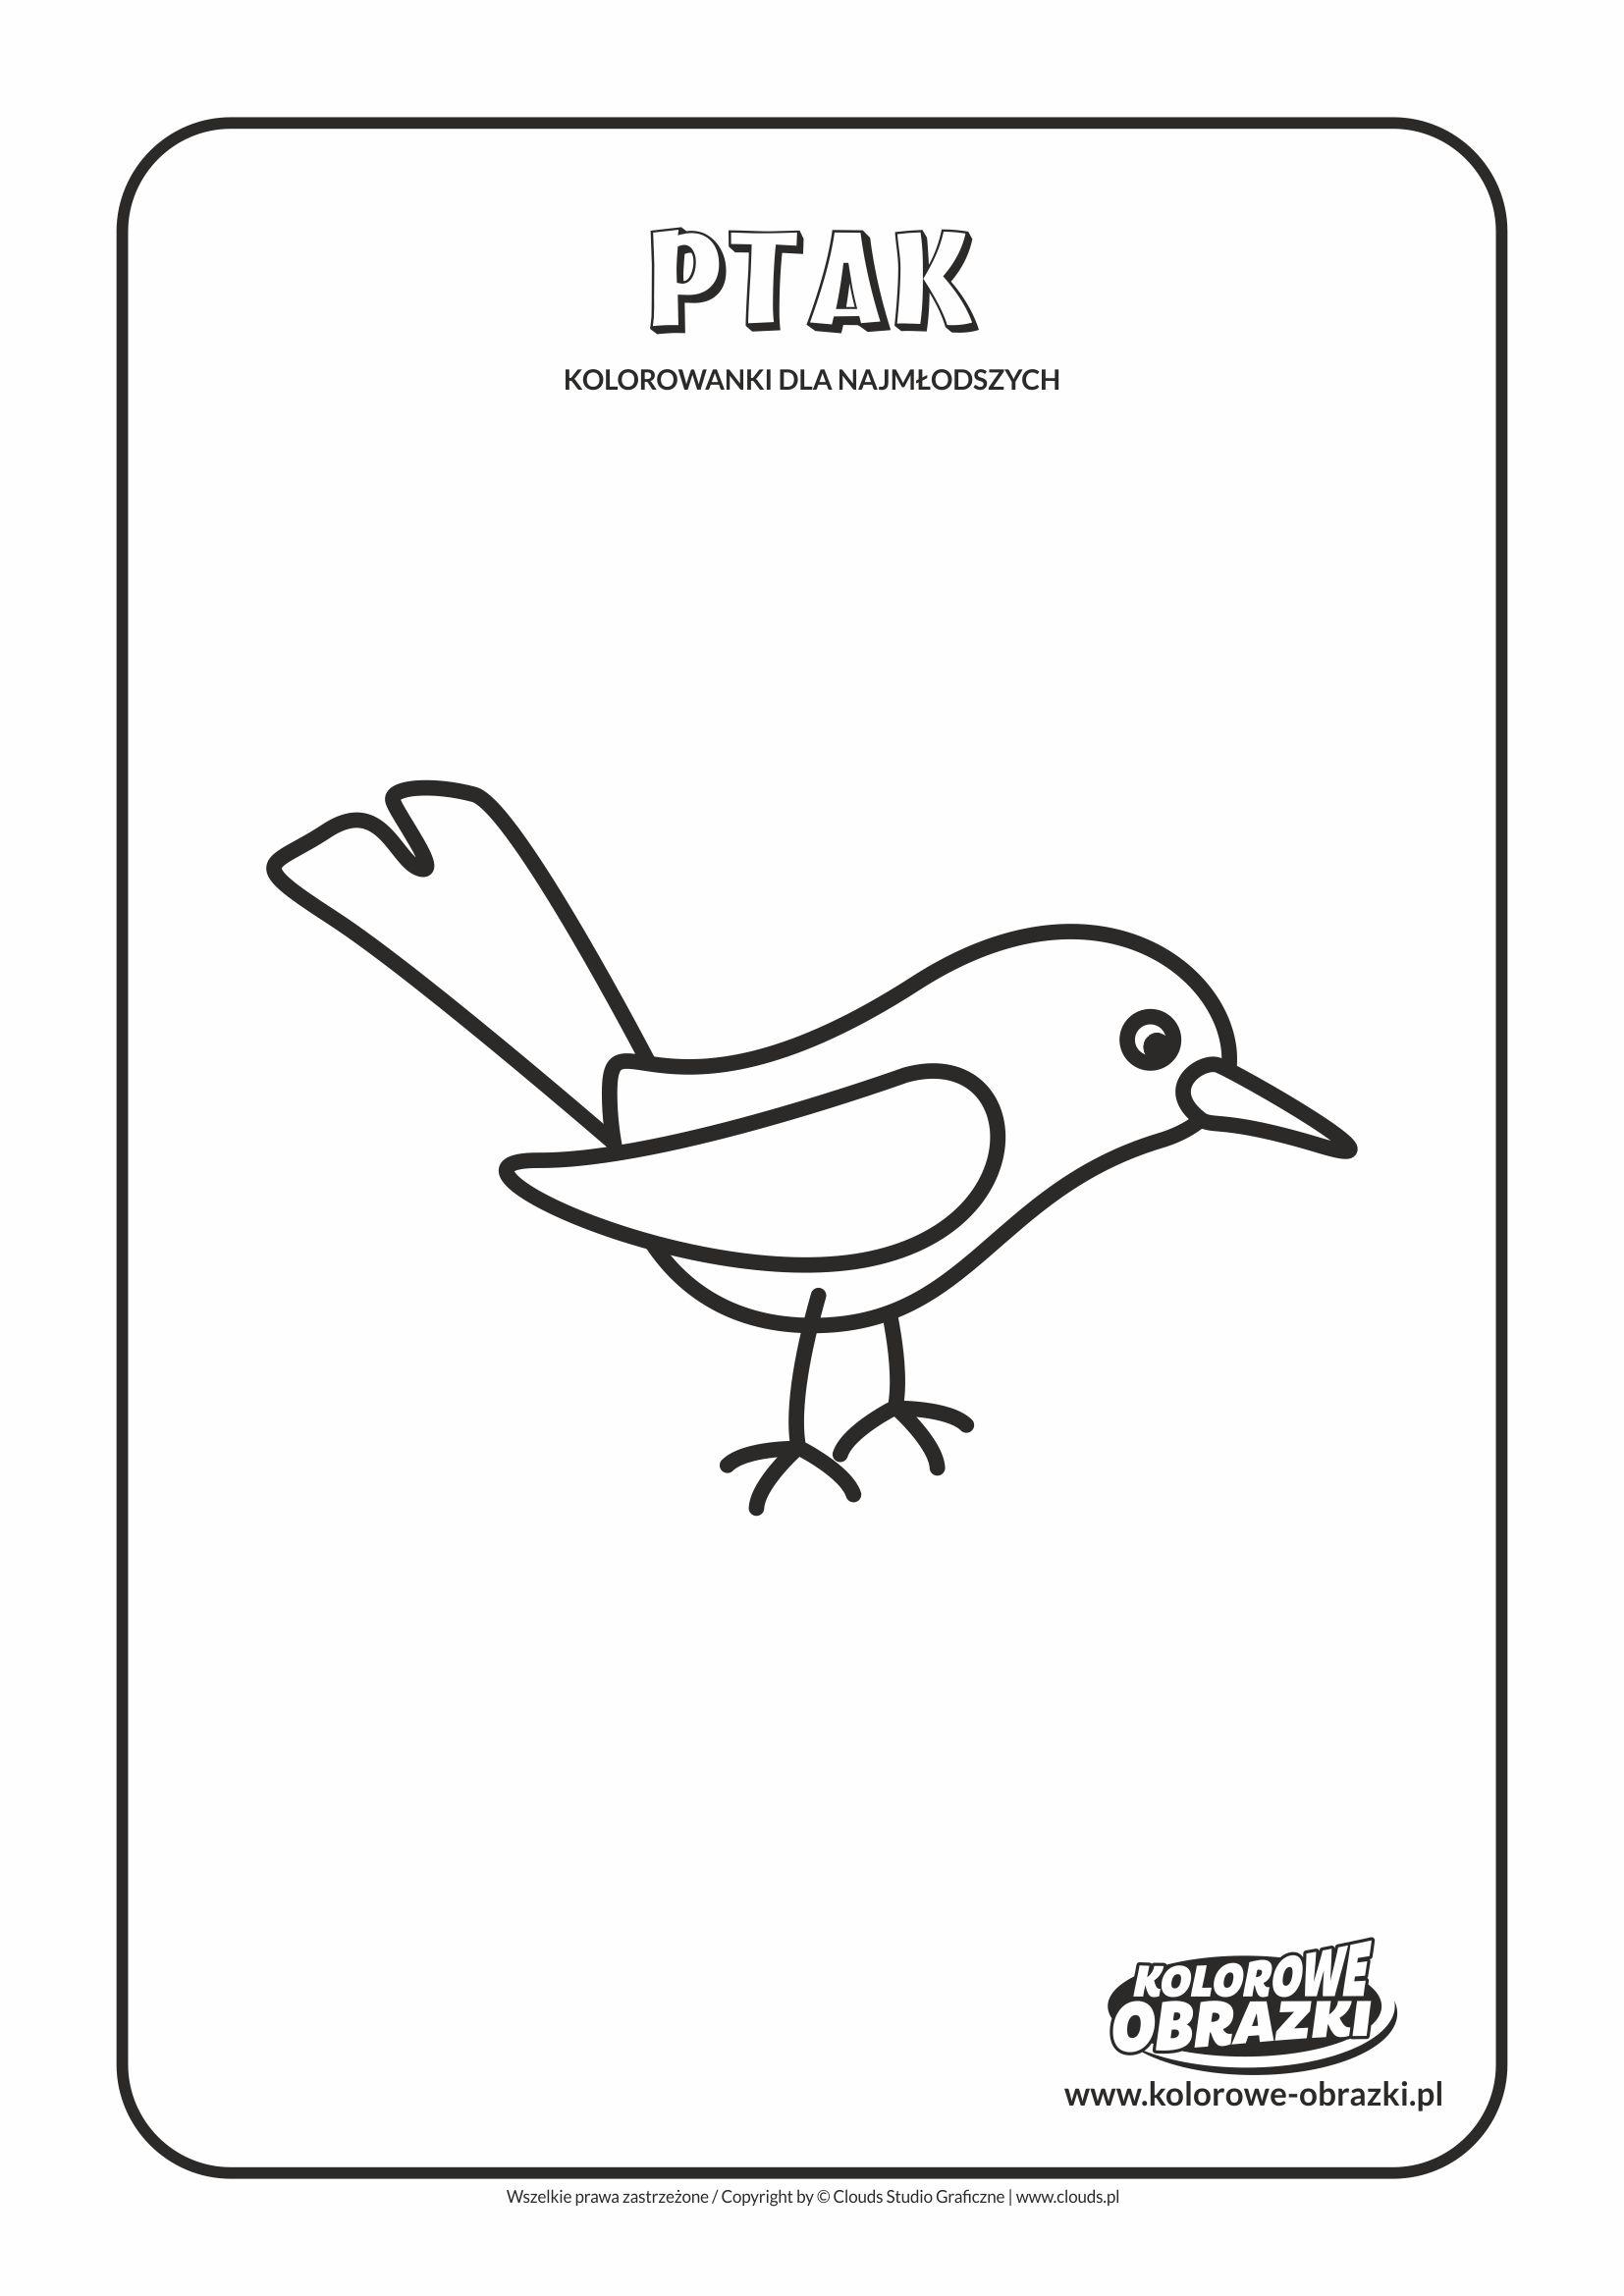 Proste kolorowanki dla najmłodszych - Zwierzęta / Ptak. Kolorowanka z ptakiem